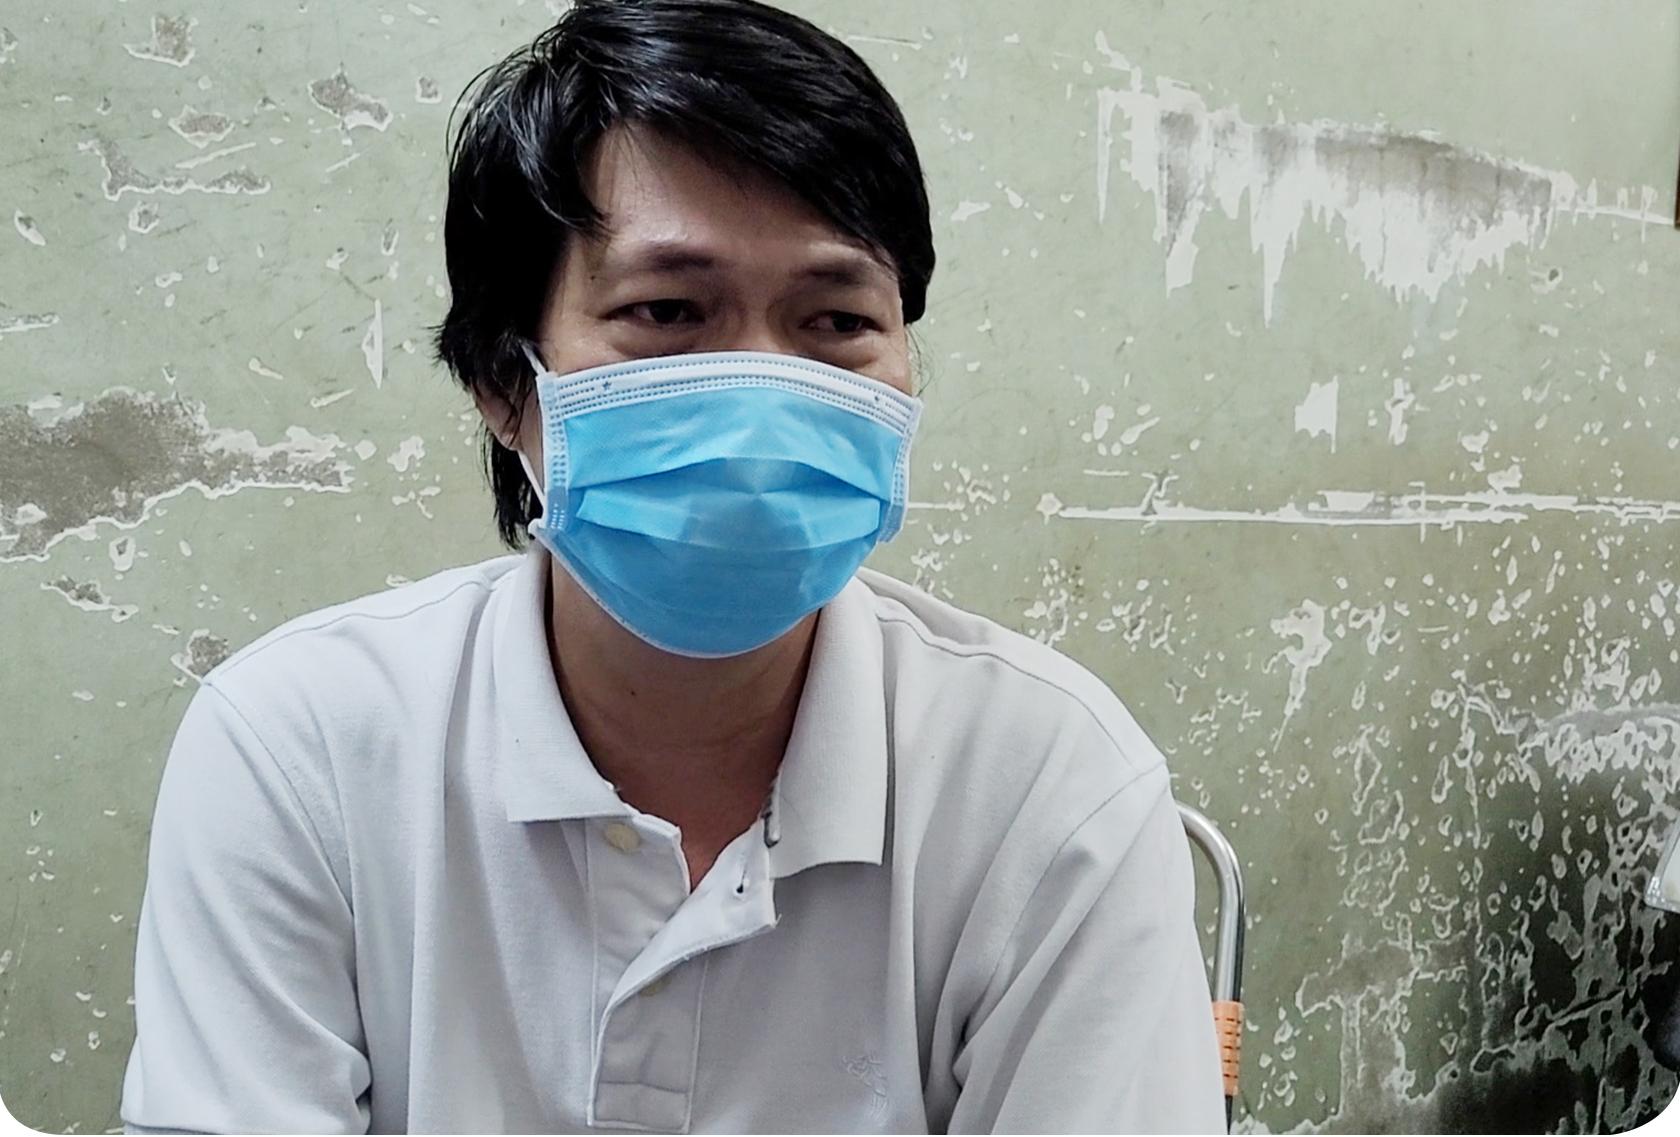 Đai dịch khốc liệt tại TP Hồ Chí Minh 1: Quặn lòng những đứa trẻ chờ mẹ trong tuyệt vọng - Ảnh 3.